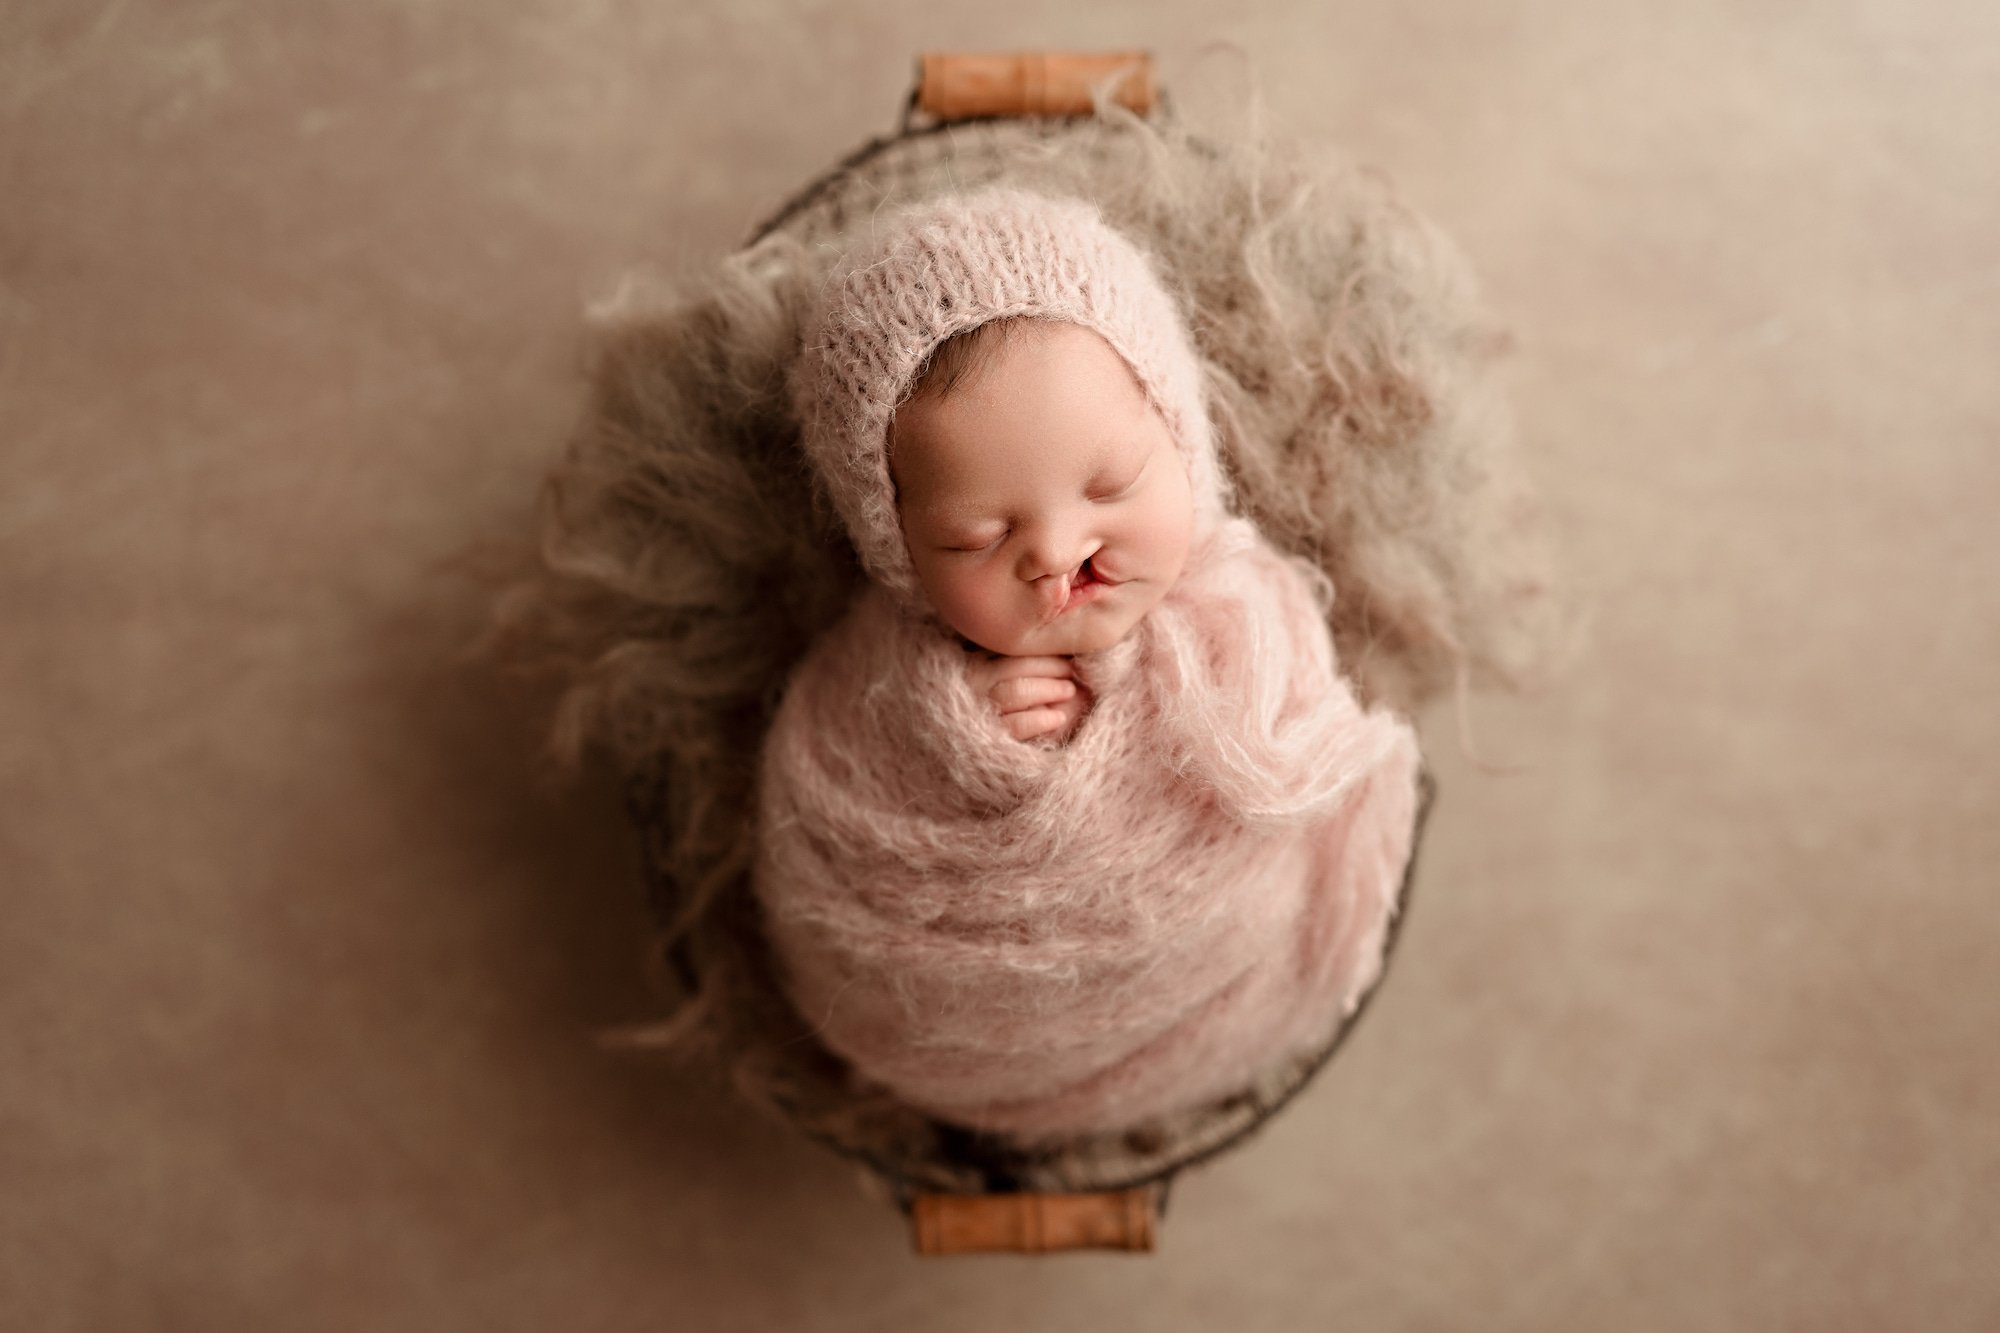 newborn photoshoot calgary ab